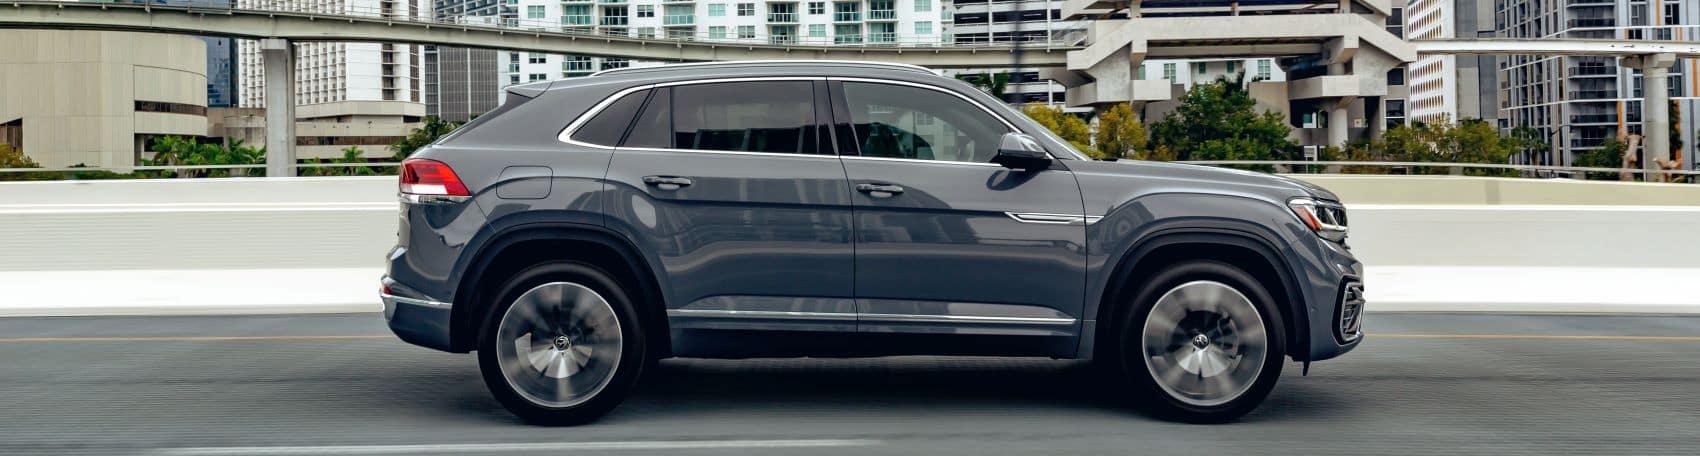 Platinum Gray Metallic Volkswagen Atlas Cross Sport on the highway